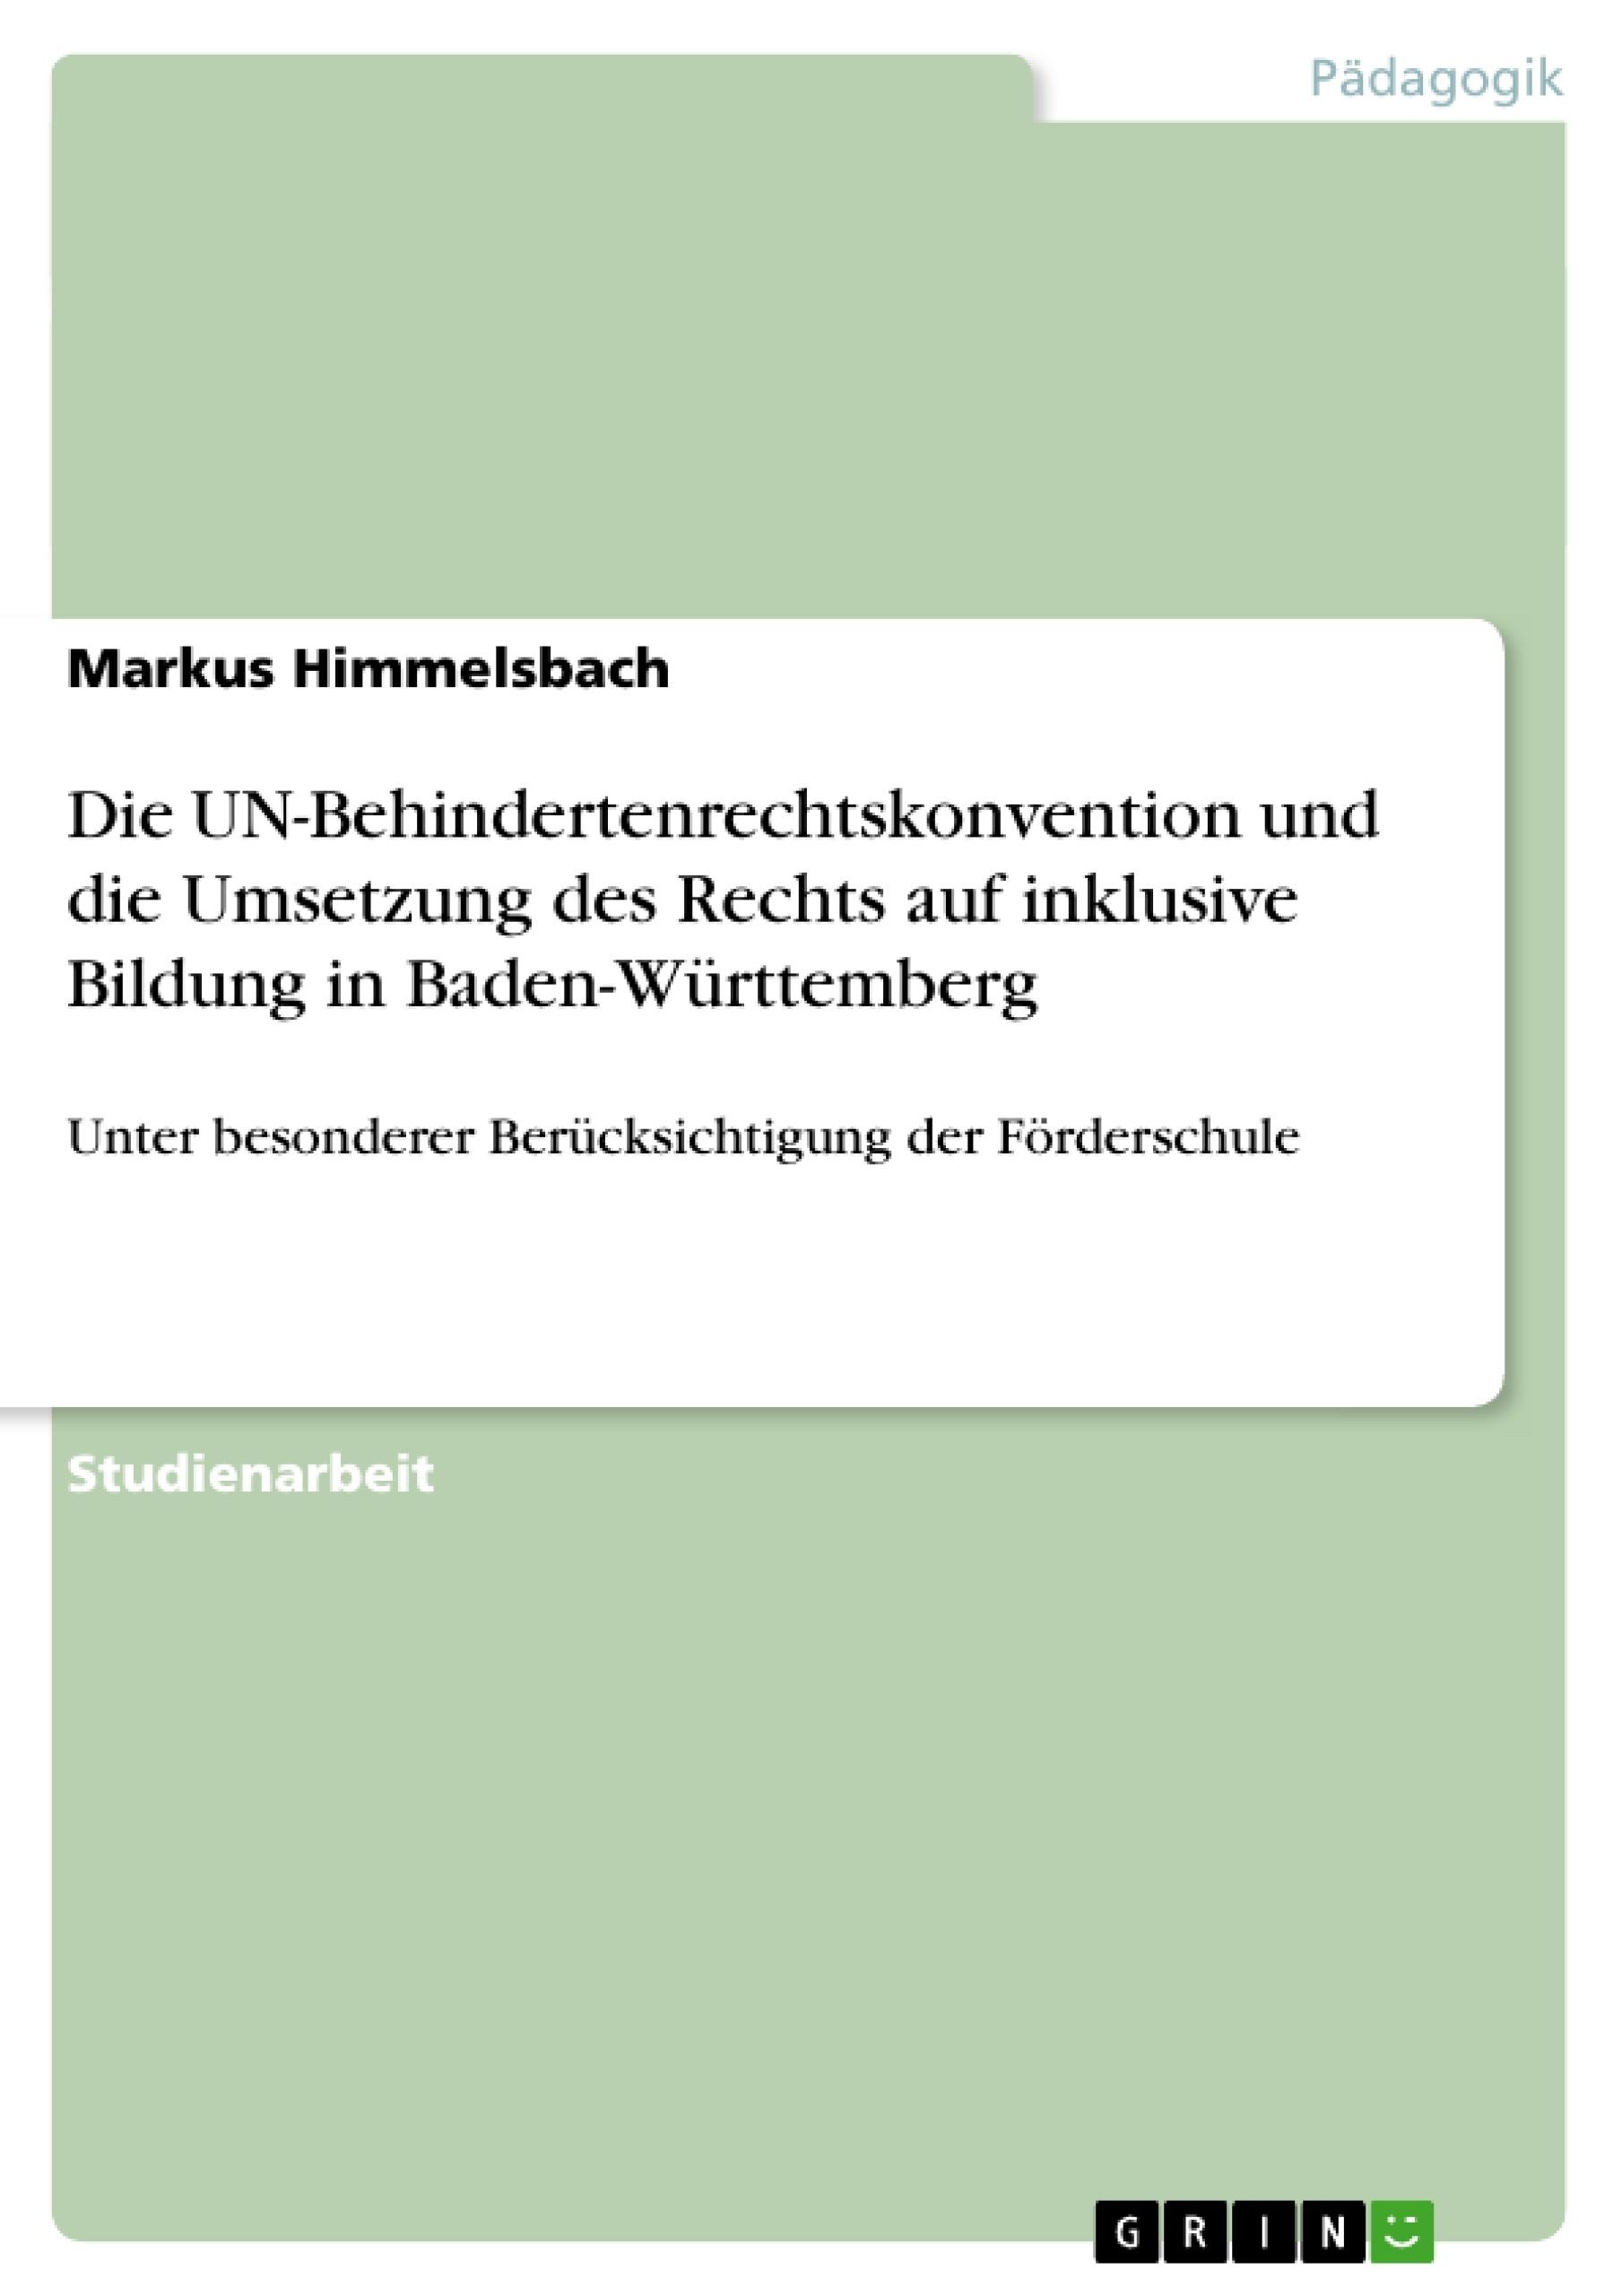 Titel: Die UN-Behindertenrechtskonvention und die Umsetzung des Rechts auf inklusive Bildung in Baden-Württemberg